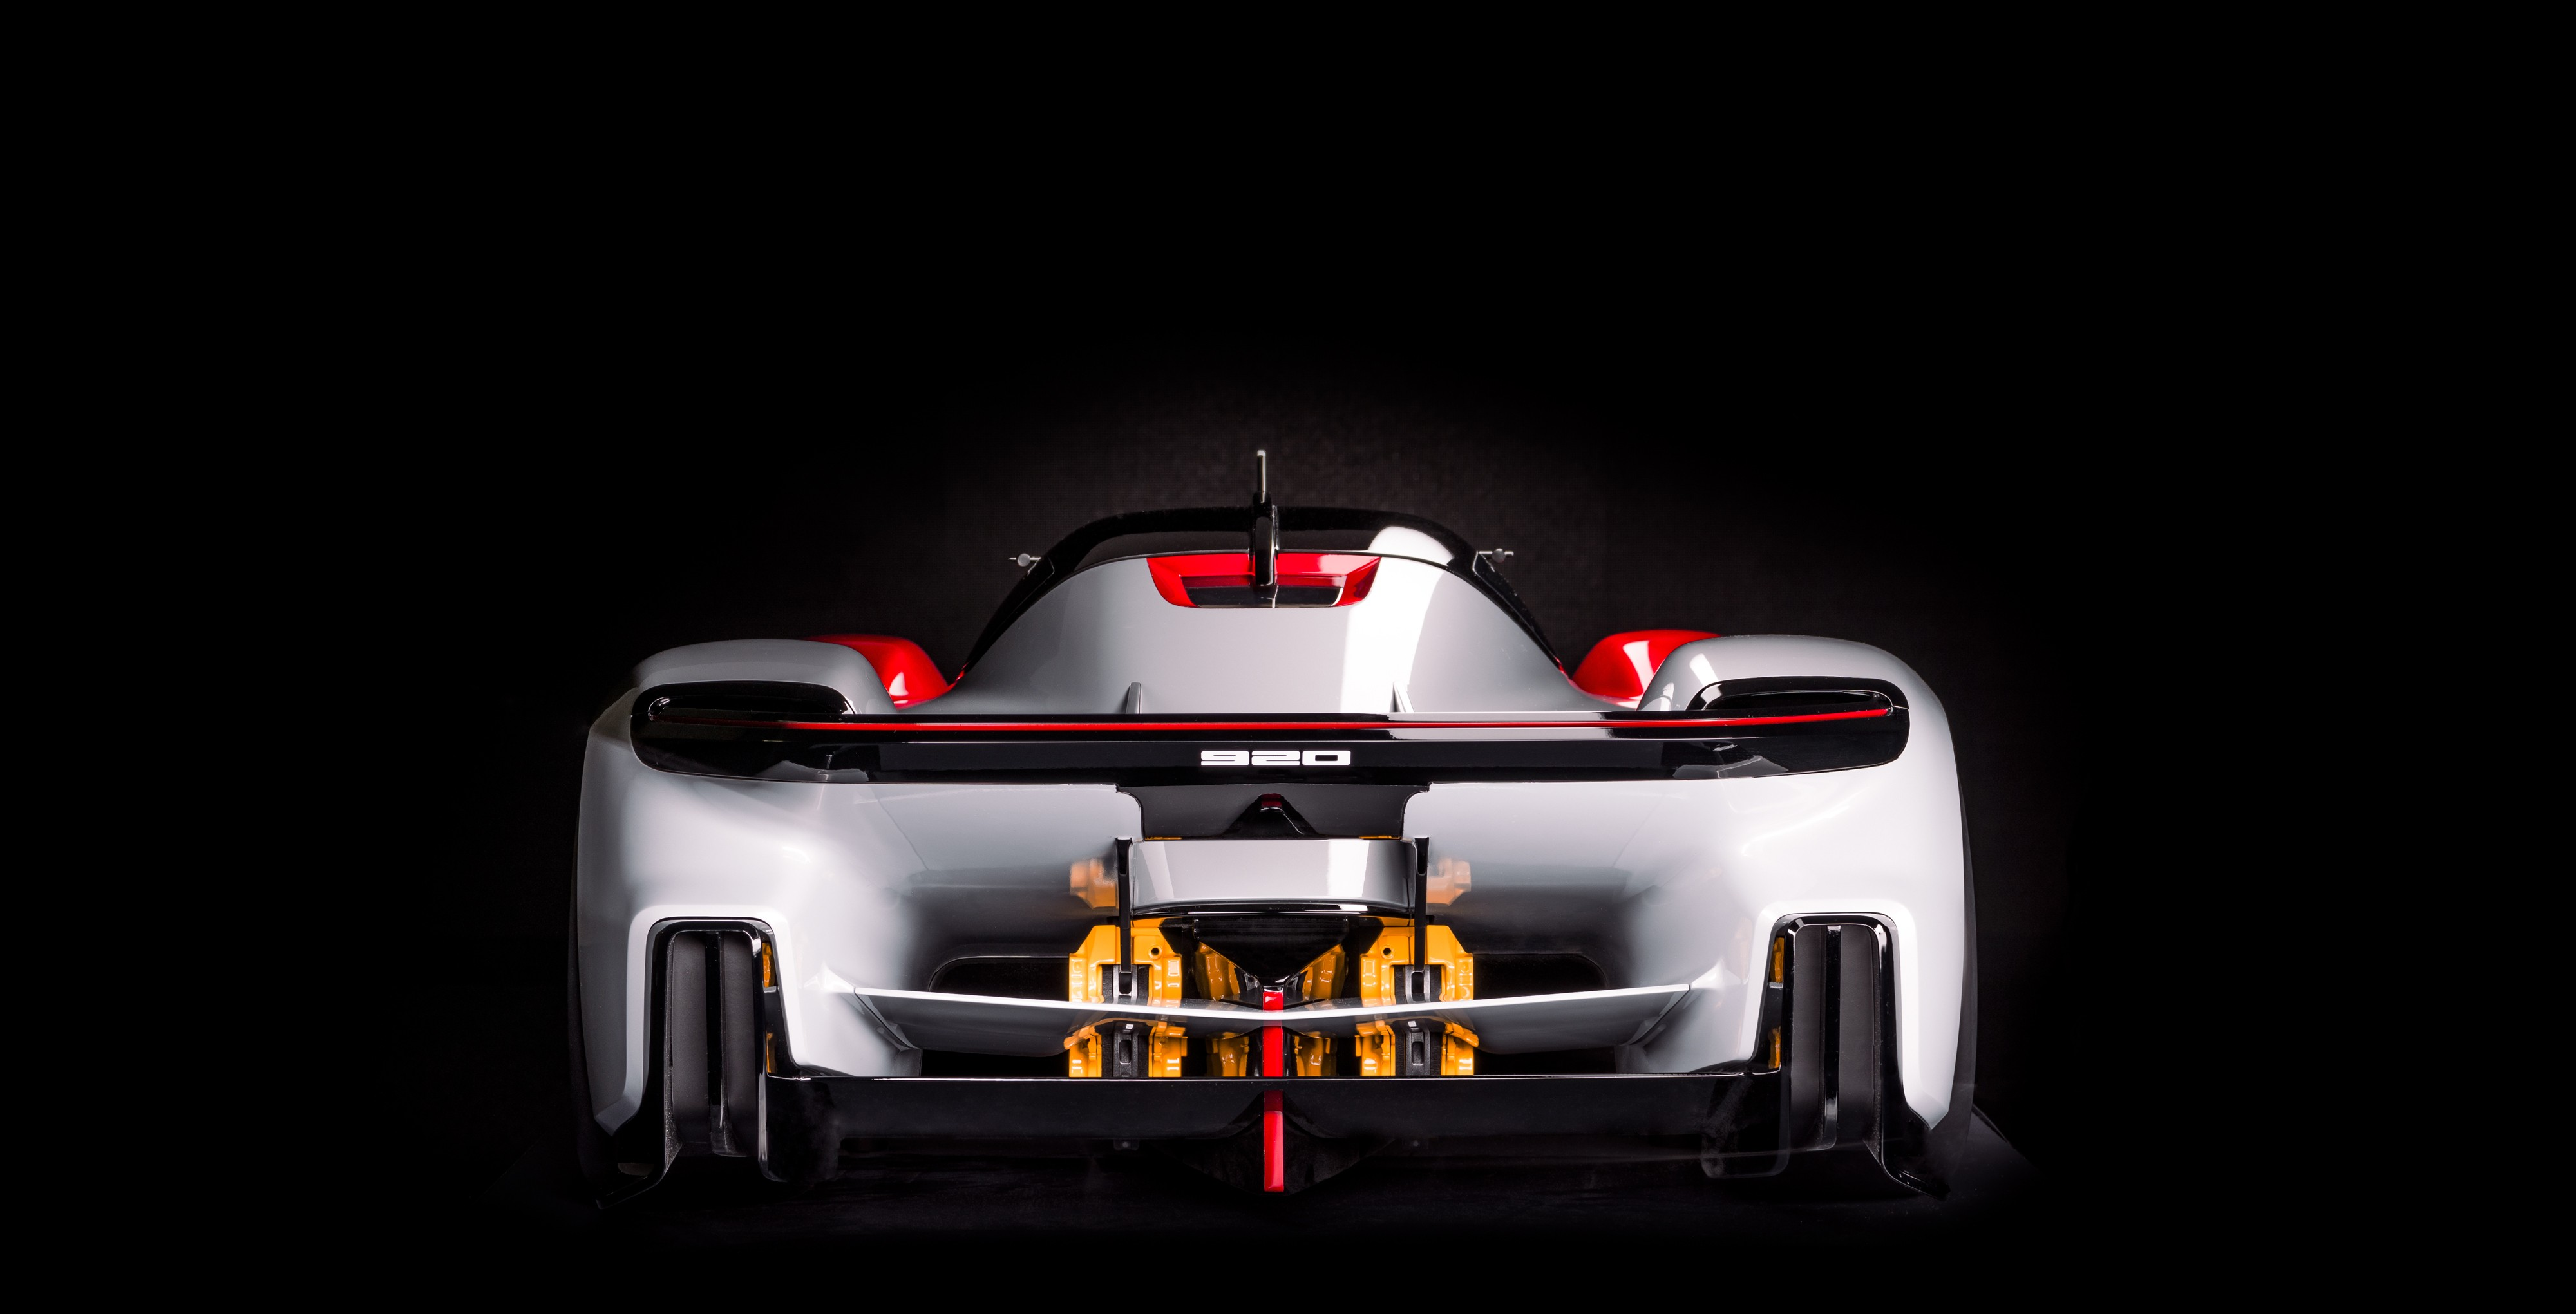 Porsche-Vision-920-3